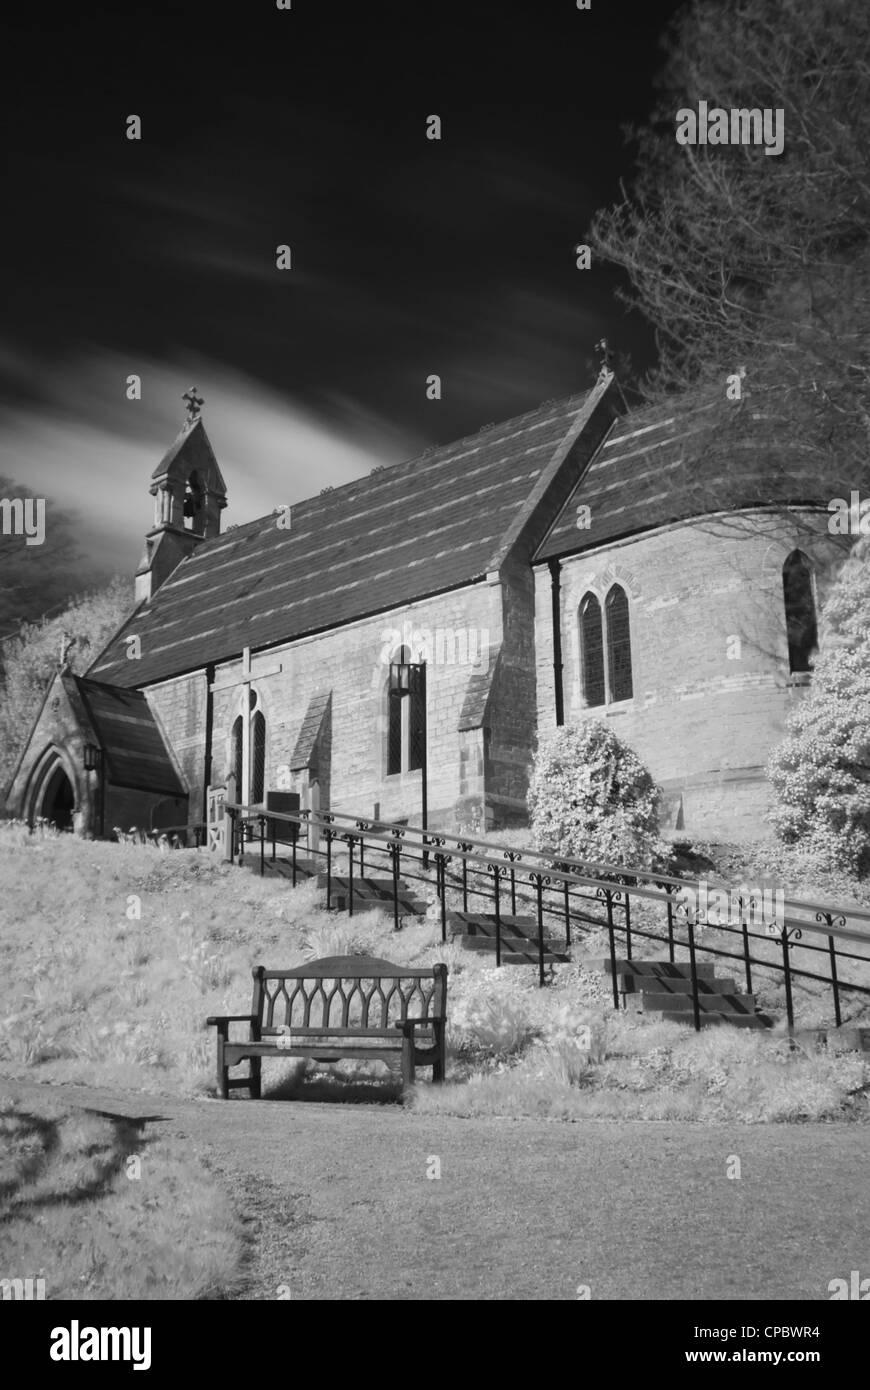 The Holy Trinity Church, Bulcote, Nottinghamshire England UK - Stock Image